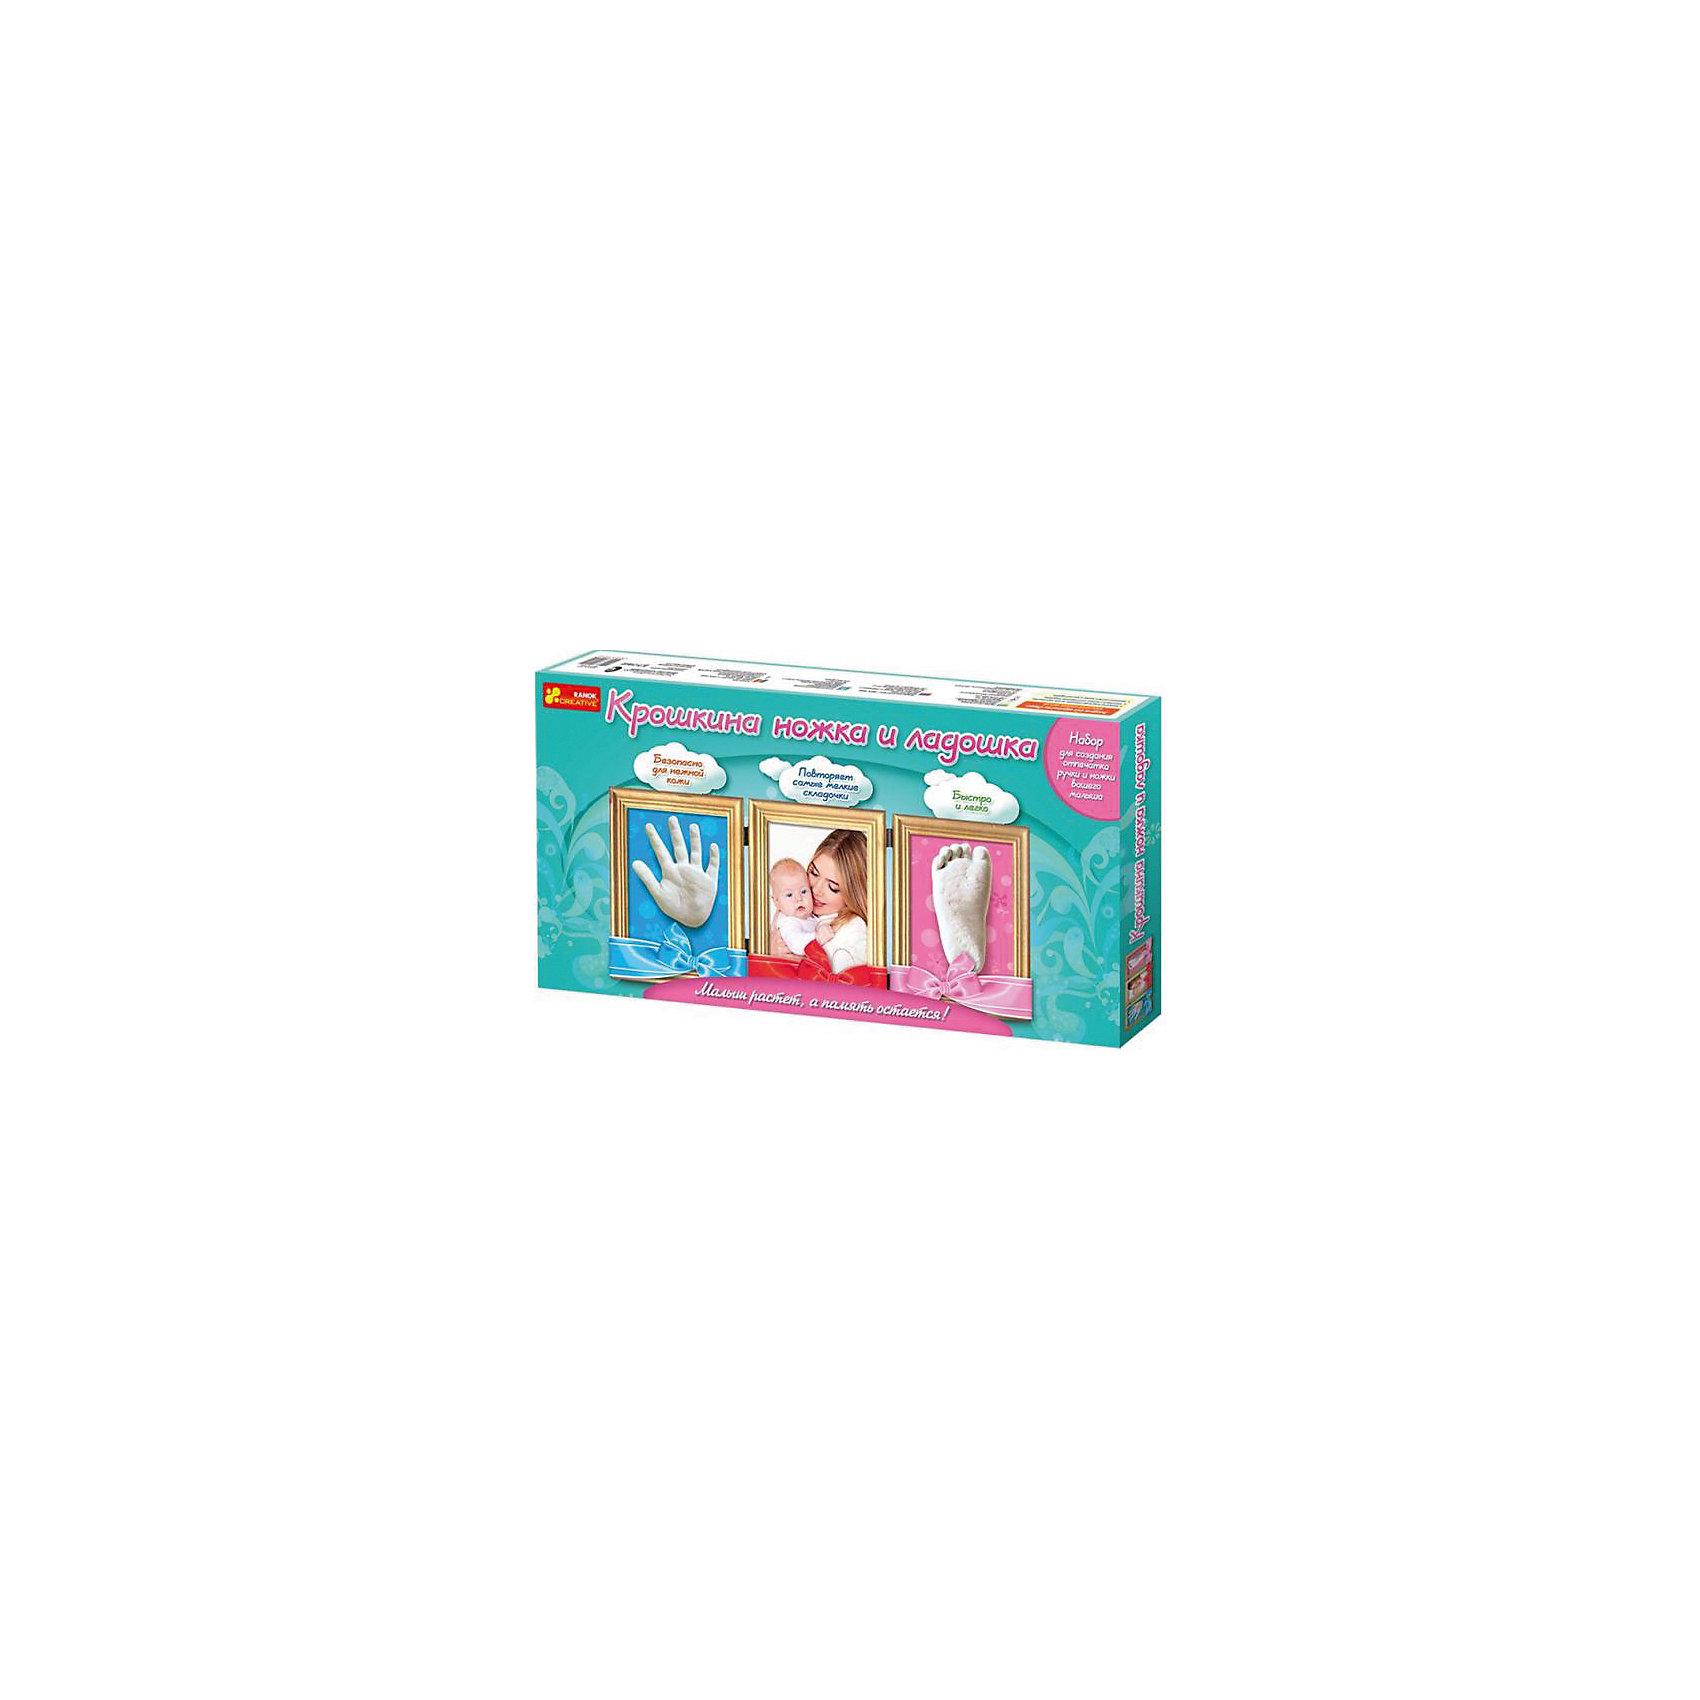 Набор для творчества Крошкина ножка и ладошкаЗамечательный подарок новоявленным родителем! Отпечаток ручки и ножки ребенка станет настоящей семейной реликвией и потрясающим сувениром для бабушек и дедушек! В состав набора входит деревянная рамка, которой можно оформить отпечатки. Возраст ребенка:<br>0-2<br>Язык:<br>рус./укр.<br>Размер упаковки:<br>50х25х4 см<br>В комплекте:<br><br>- тройную рамку для отпечатков и фотографии малыша<br>- модельный гель<br>- гипс<br>- пластиковая тарелка<br>- проволока<br>- подробная инструкция<br><br>Ширина мм: 500<br>Глубина мм: 50<br>Высота мм: 260<br>Вес г: 1175<br>Возраст от месяцев: 0<br>Возраст до месяцев: 24<br>Пол: Унисекс<br>Возраст: Детский<br>SKU: 5009315